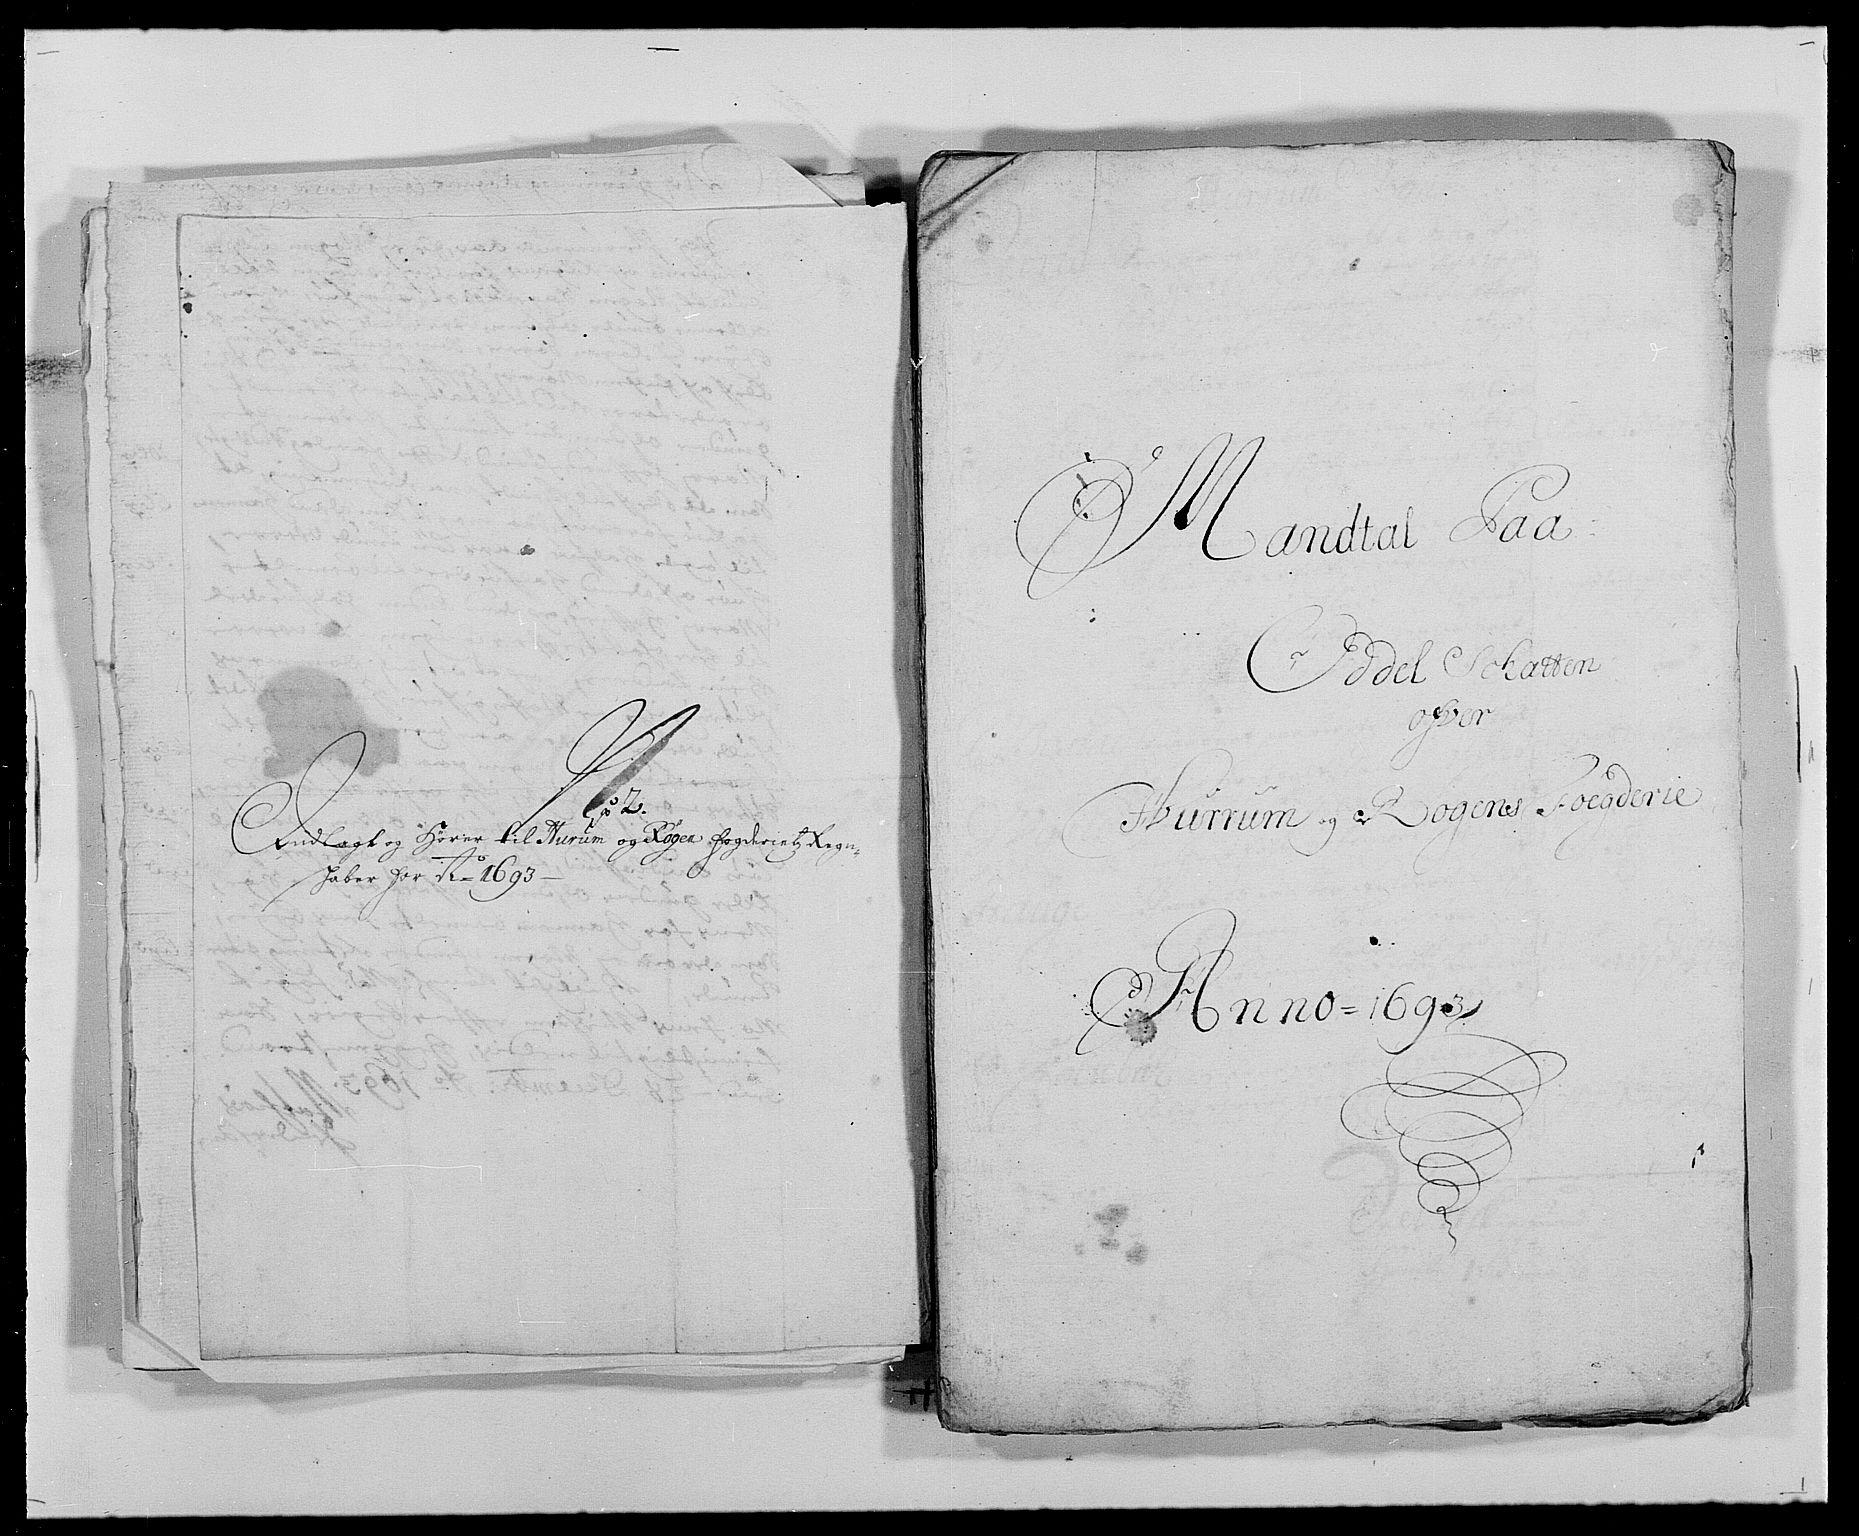 RA, Rentekammeret inntil 1814, Reviderte regnskaper, Fogderegnskap, R29/L1693: Fogderegnskap Hurum og Røyken, 1688-1693, s. 486